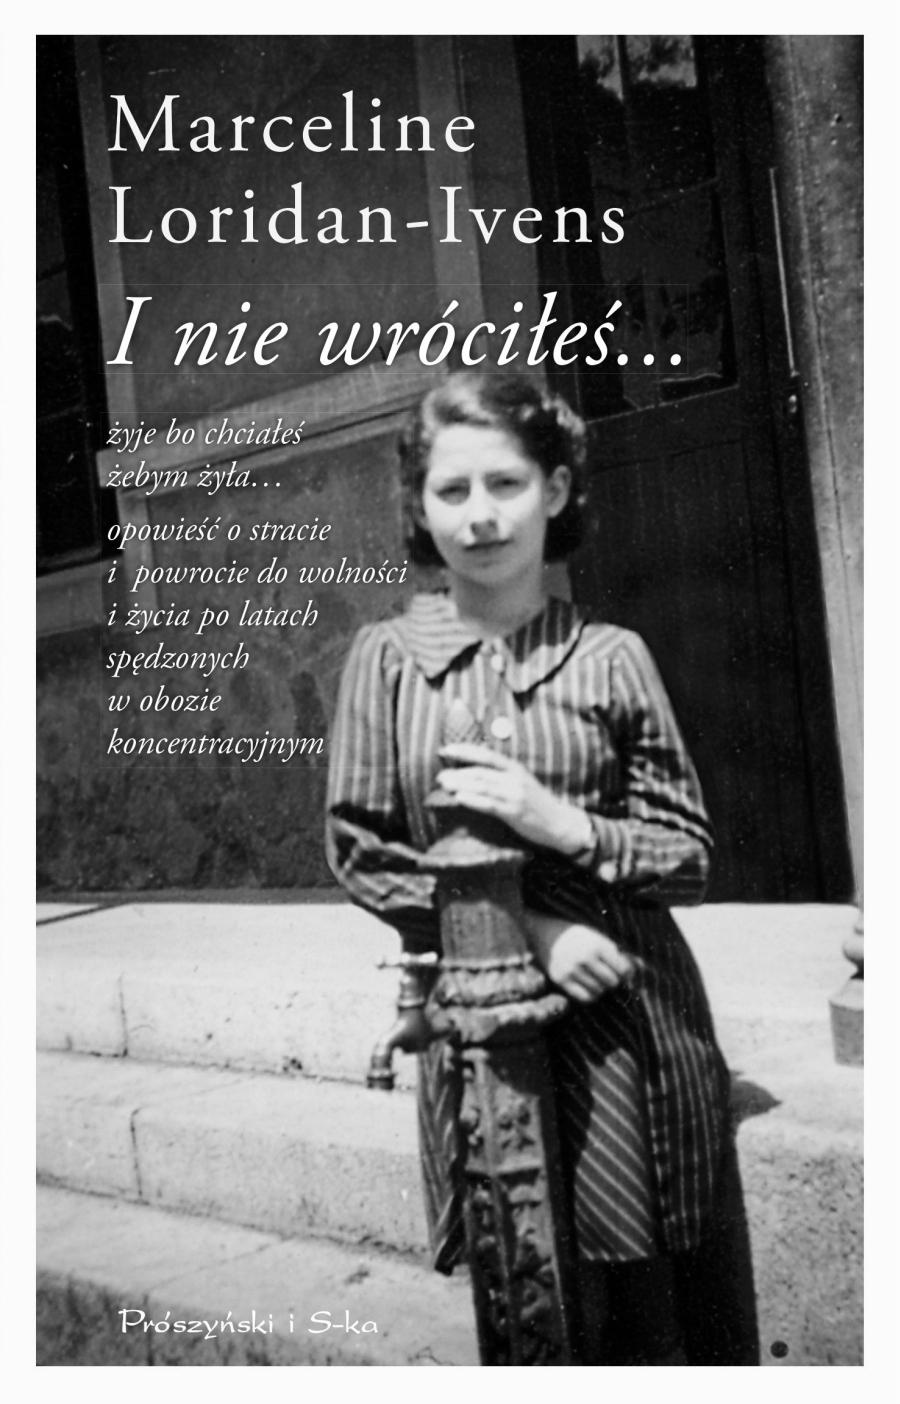 but-you-did-not-come-back-marceline-loridan-lvens-i-nie-wrociles-holocaust-book-ksiazki-o-zagladzie-zydow-zaglada-szoa-shoah